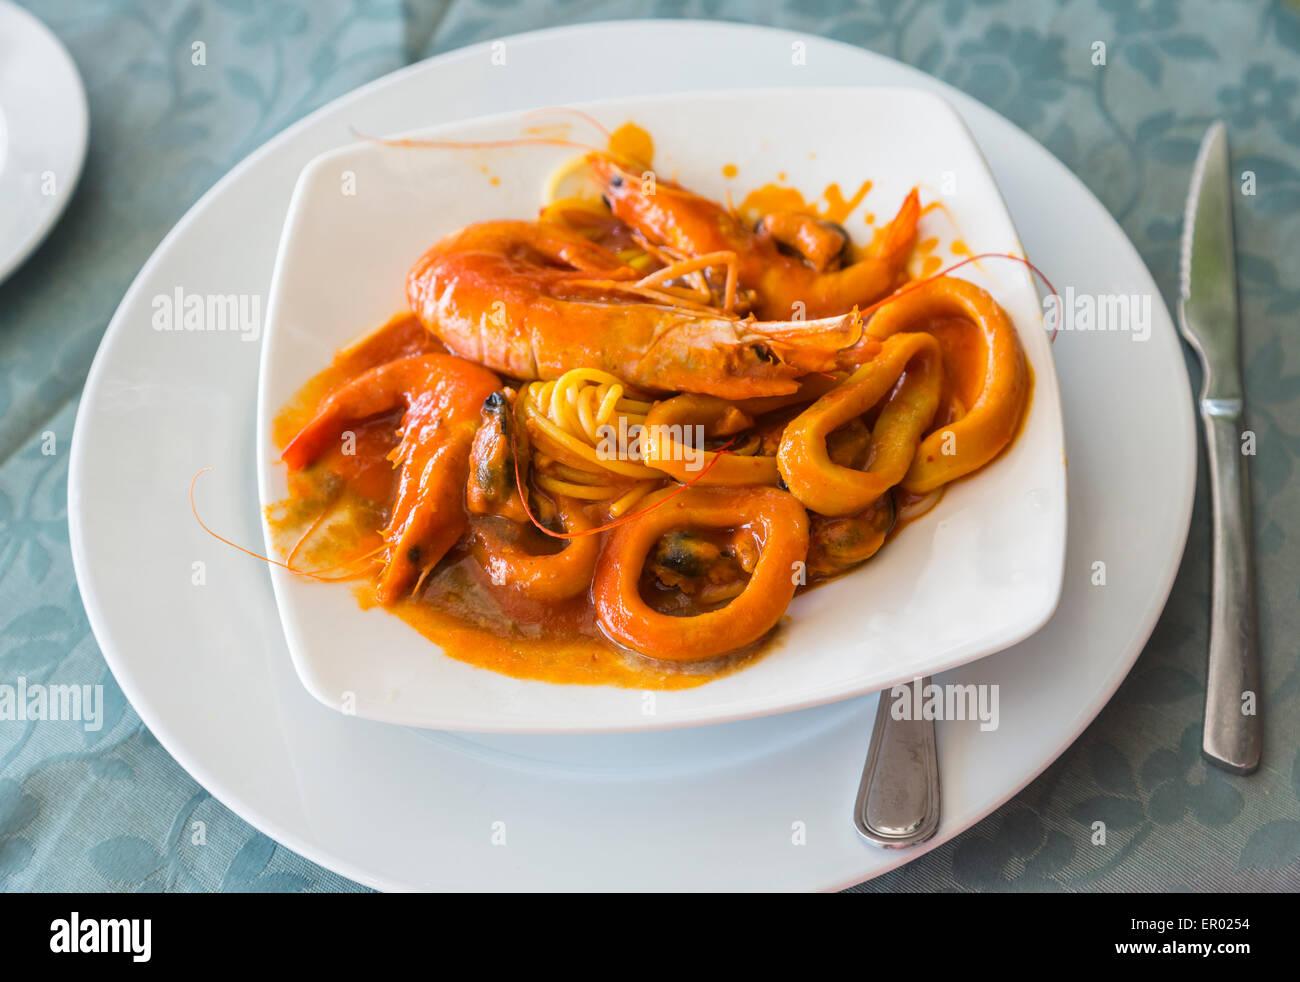 how to cook calamari rings healthy